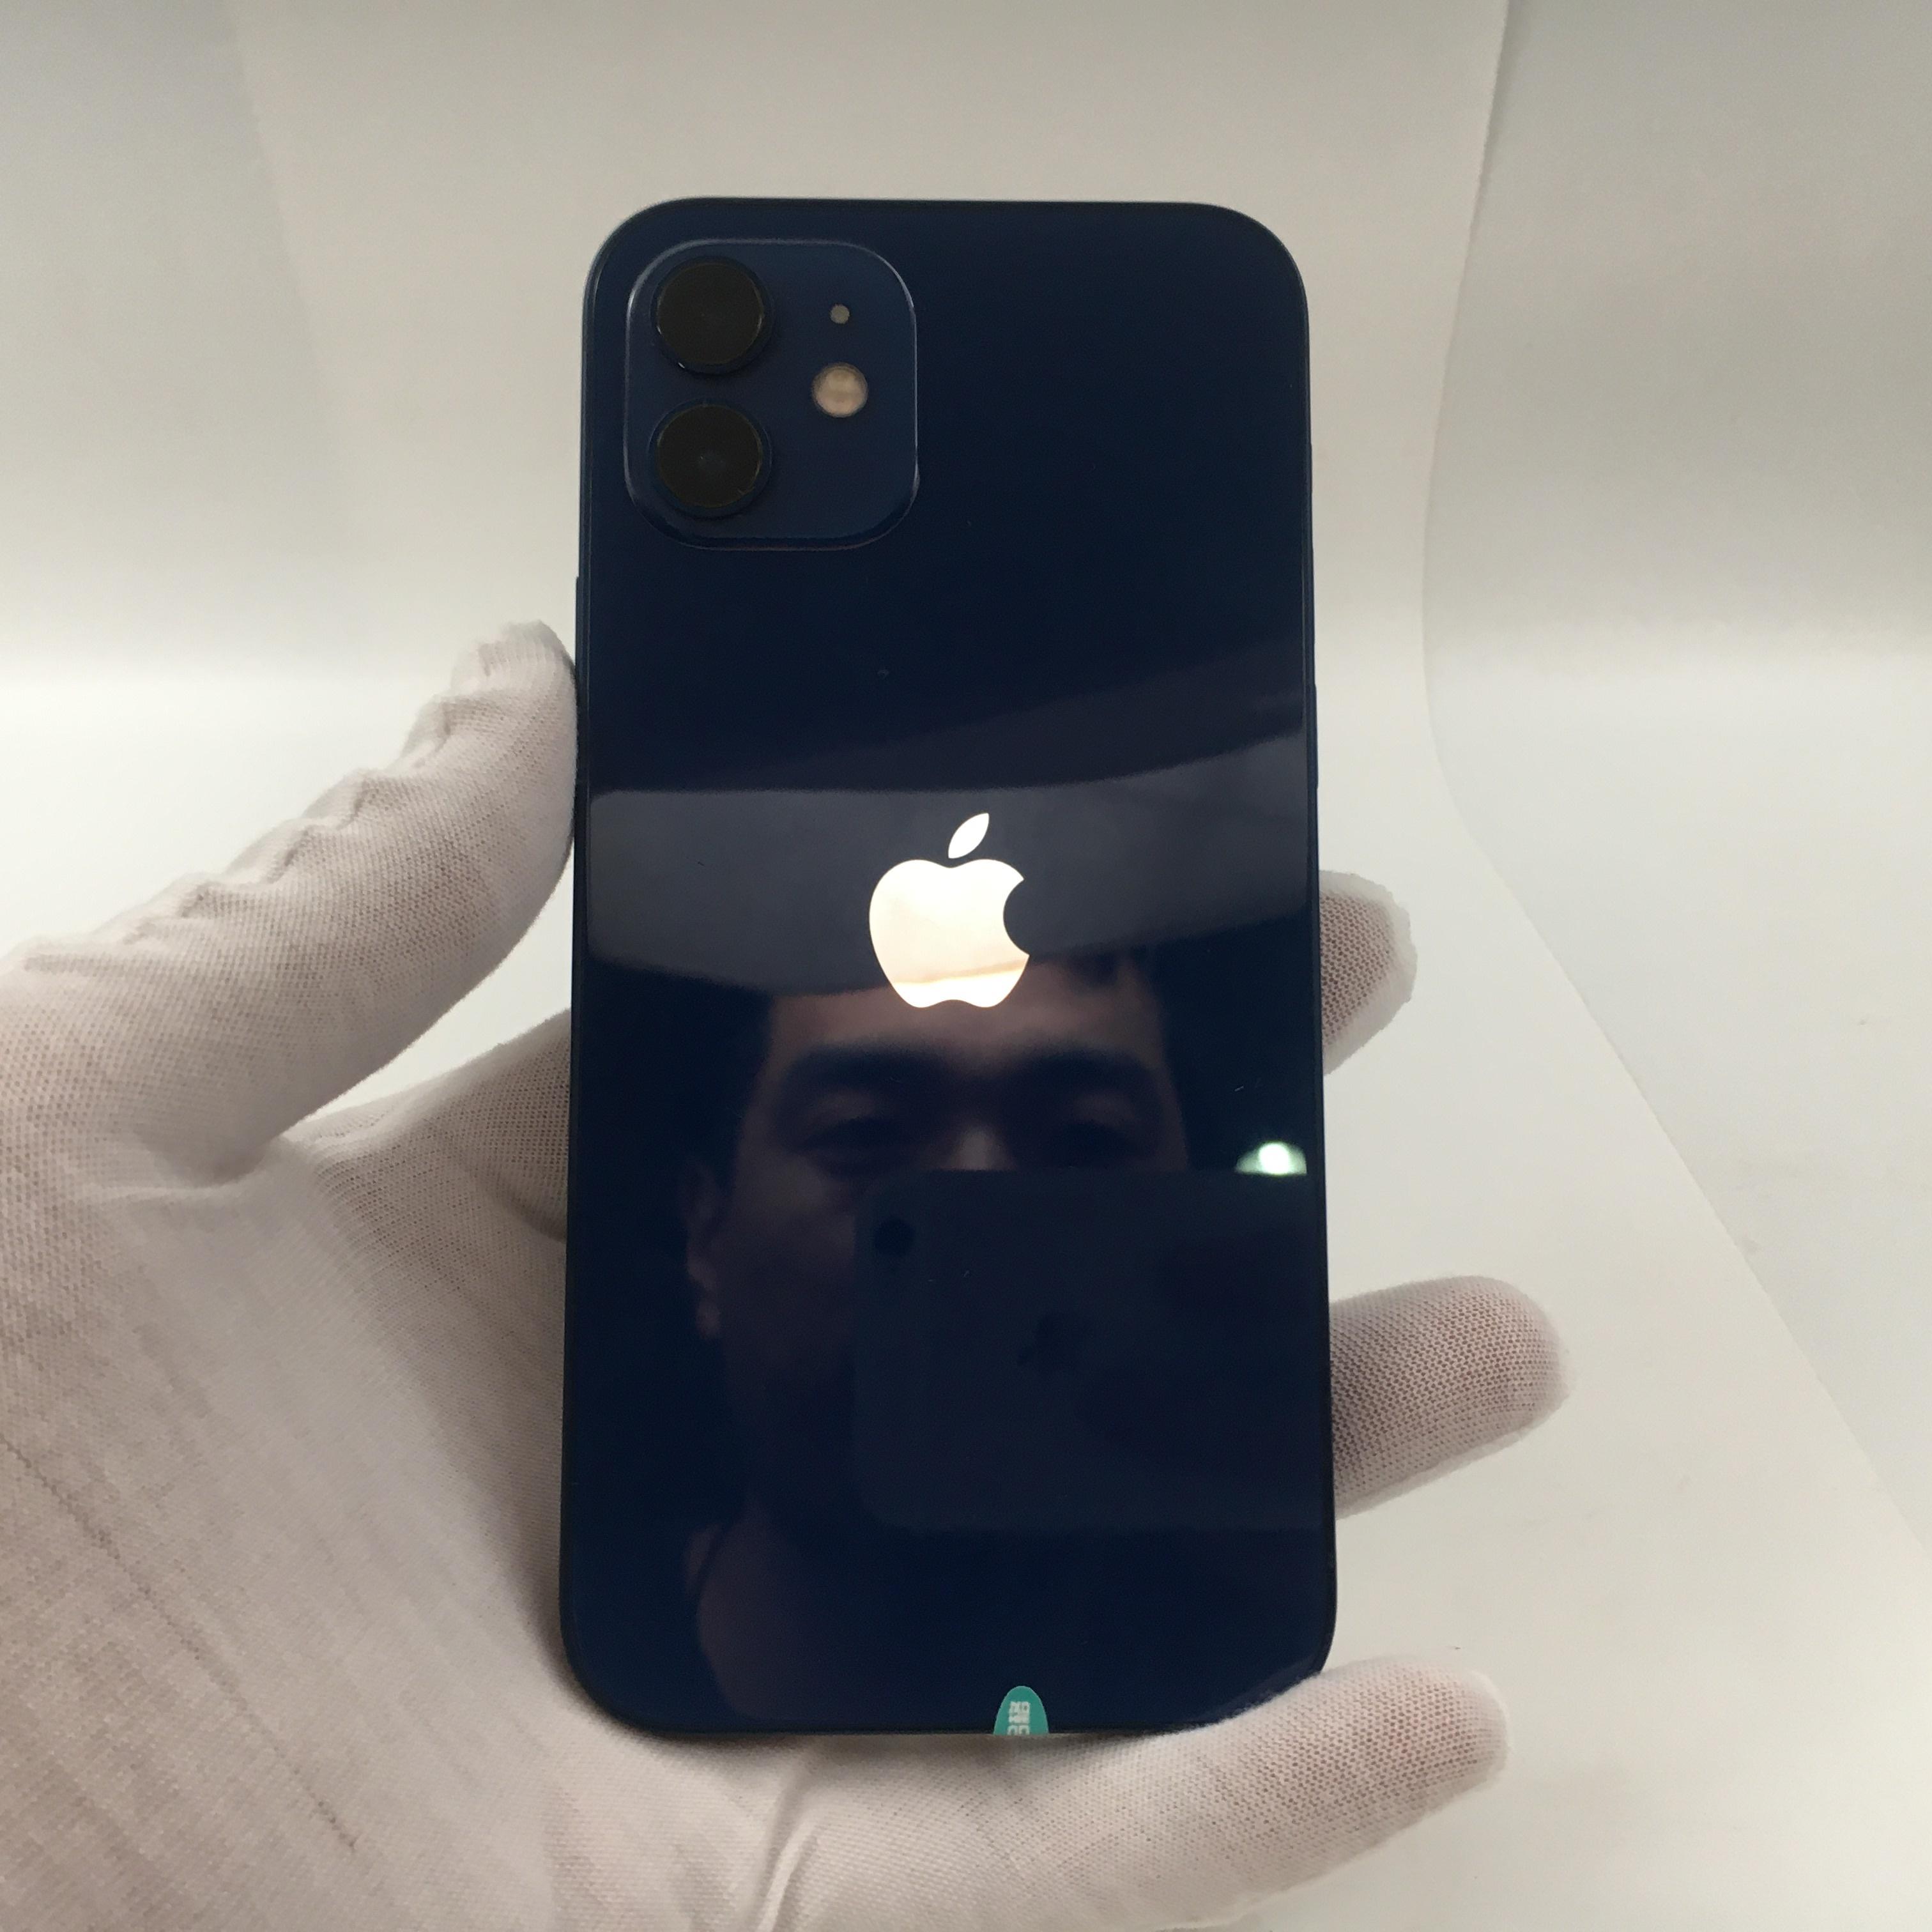 苹果【iPhone 12】5G全网通 蓝色 256G 国行 7成新